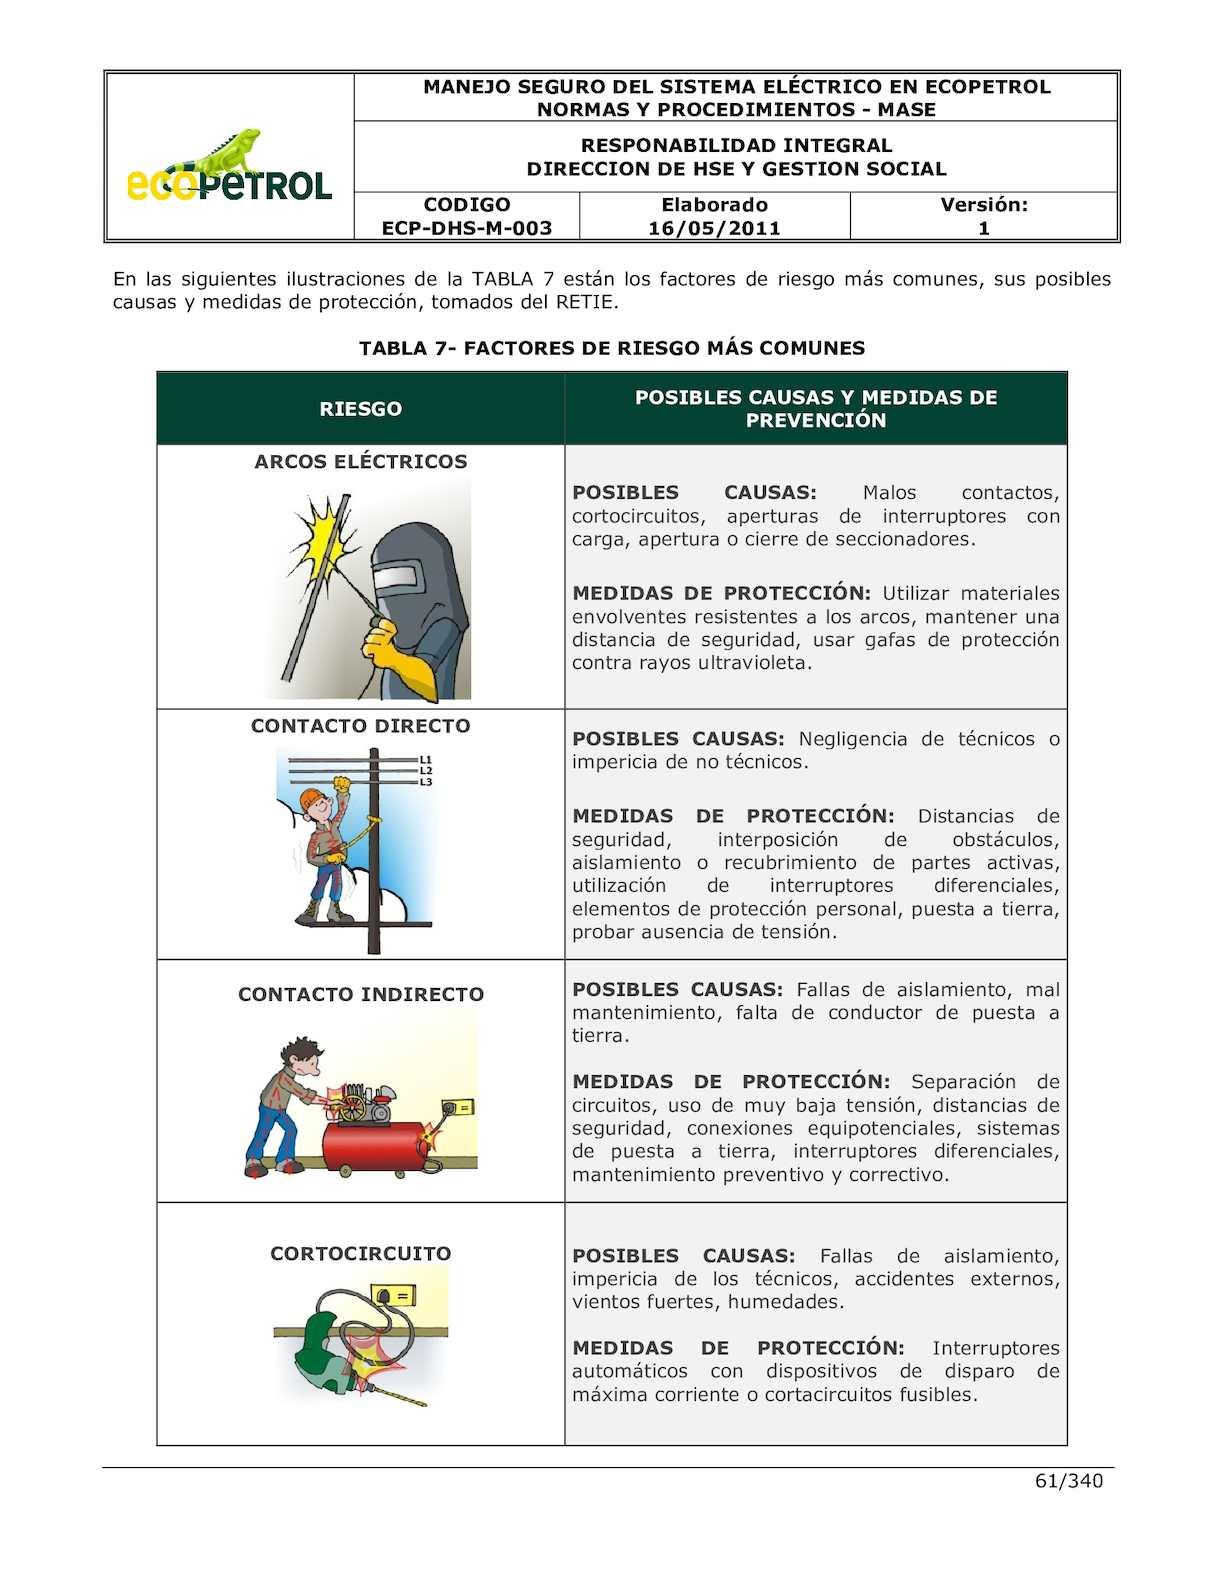 66789 Anexo 24 Manejo Seguro Del Sistema Eléctrico En Ecopetrol Parte 3